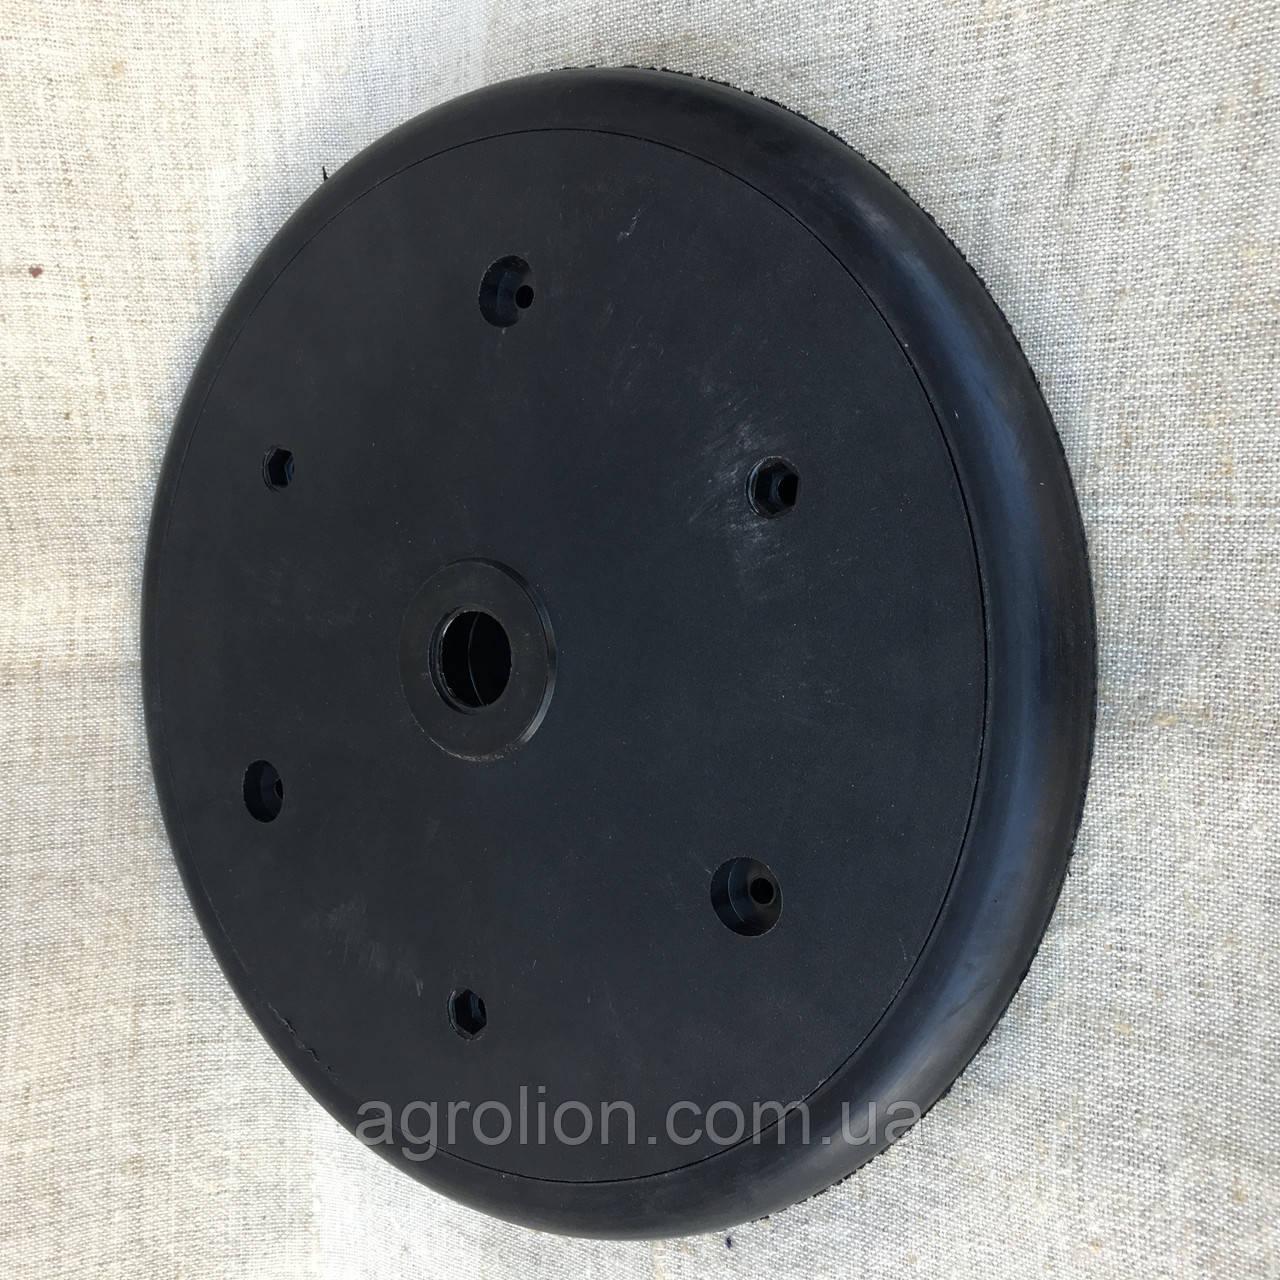 """Прикотуюче колесо в зборі ( диск поліамід ) без підшипника  1"""" x 12"""",John Deere, Great Plains, Monosem, K"""